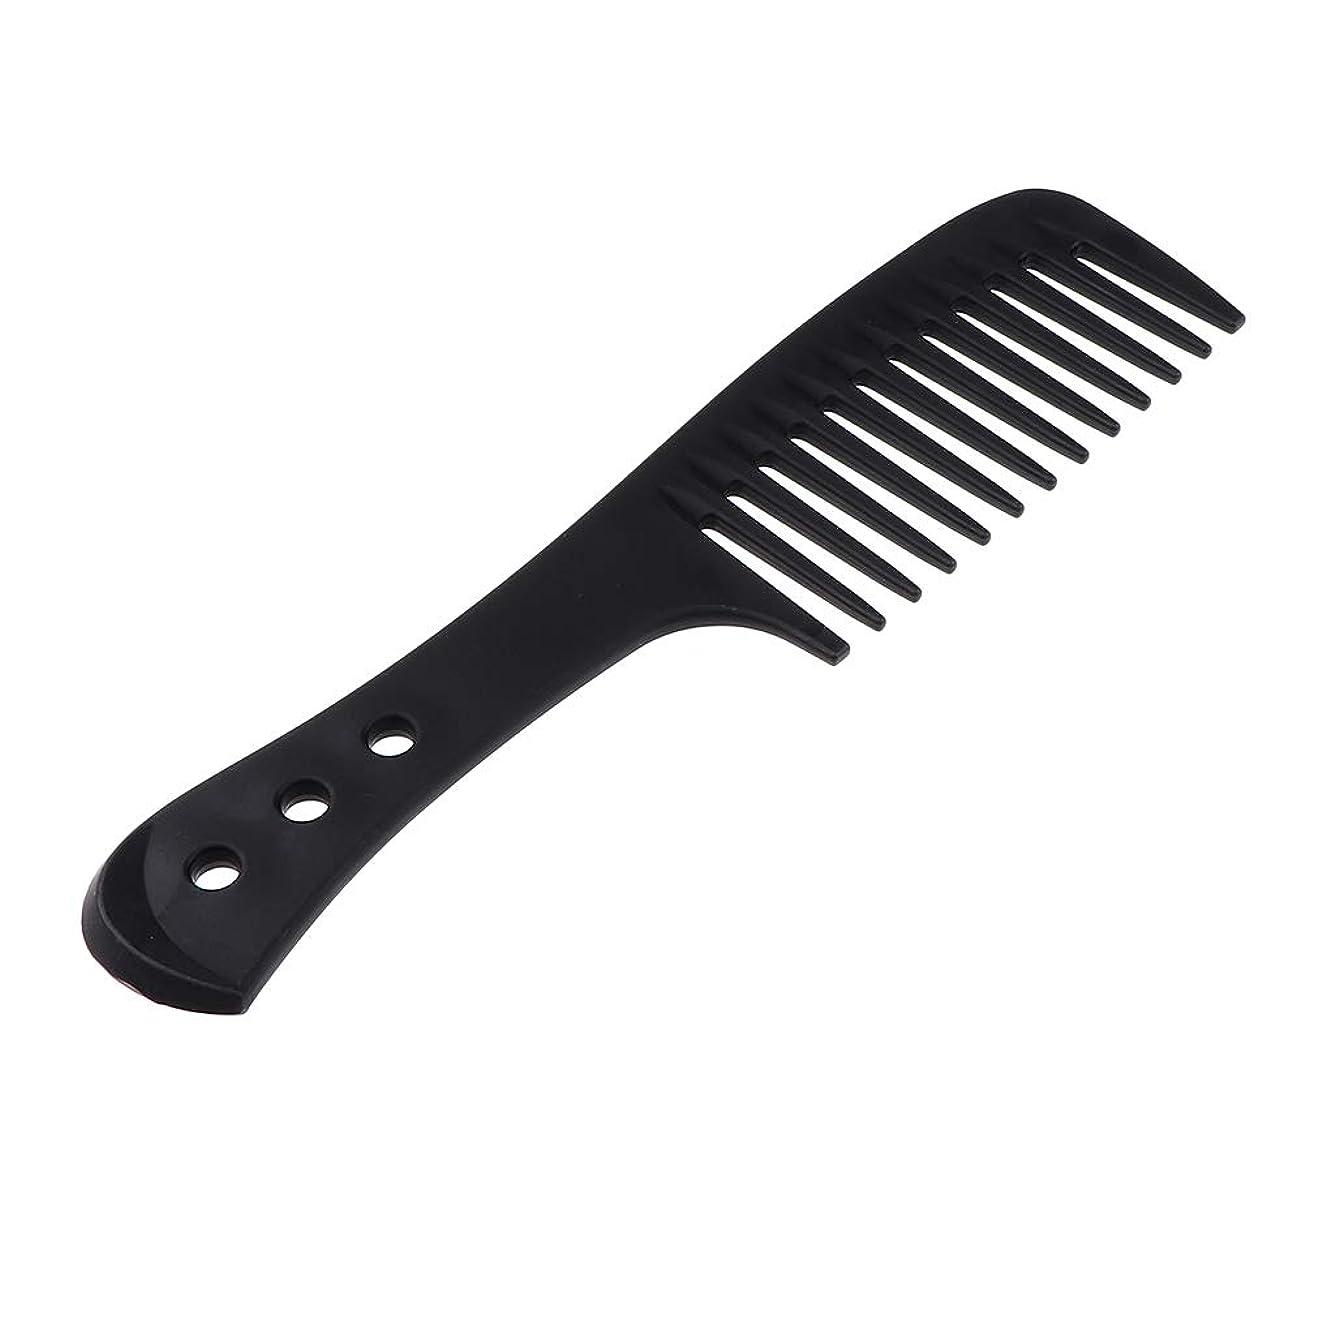 合理化祭り尊厳T TOOYFUL ワイド歯ブラシ 美容整形 美容整形髪ブラシ 全4色 - ブラック